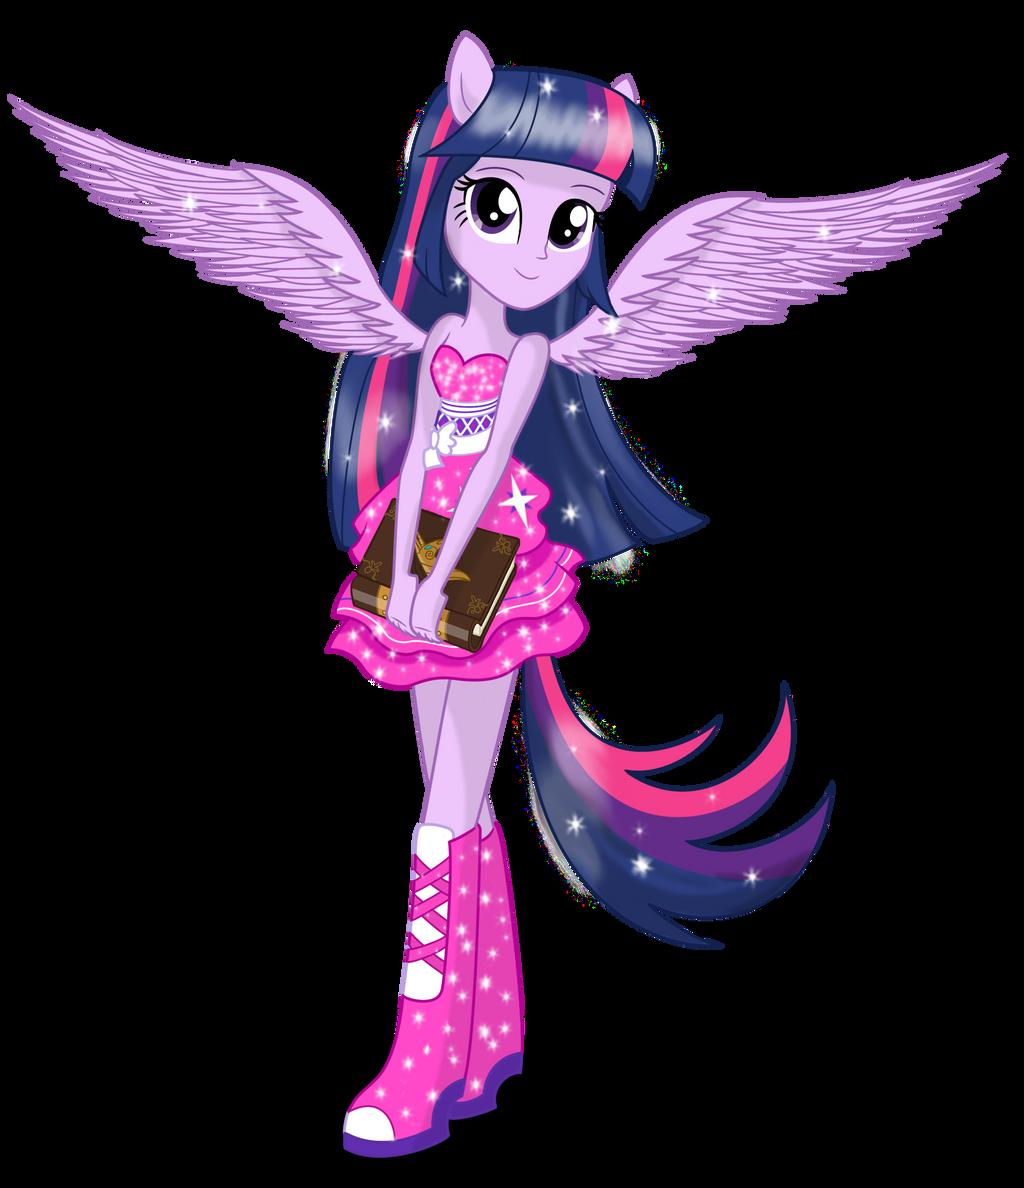 Twilight Sparkle by DeannaPhantom13